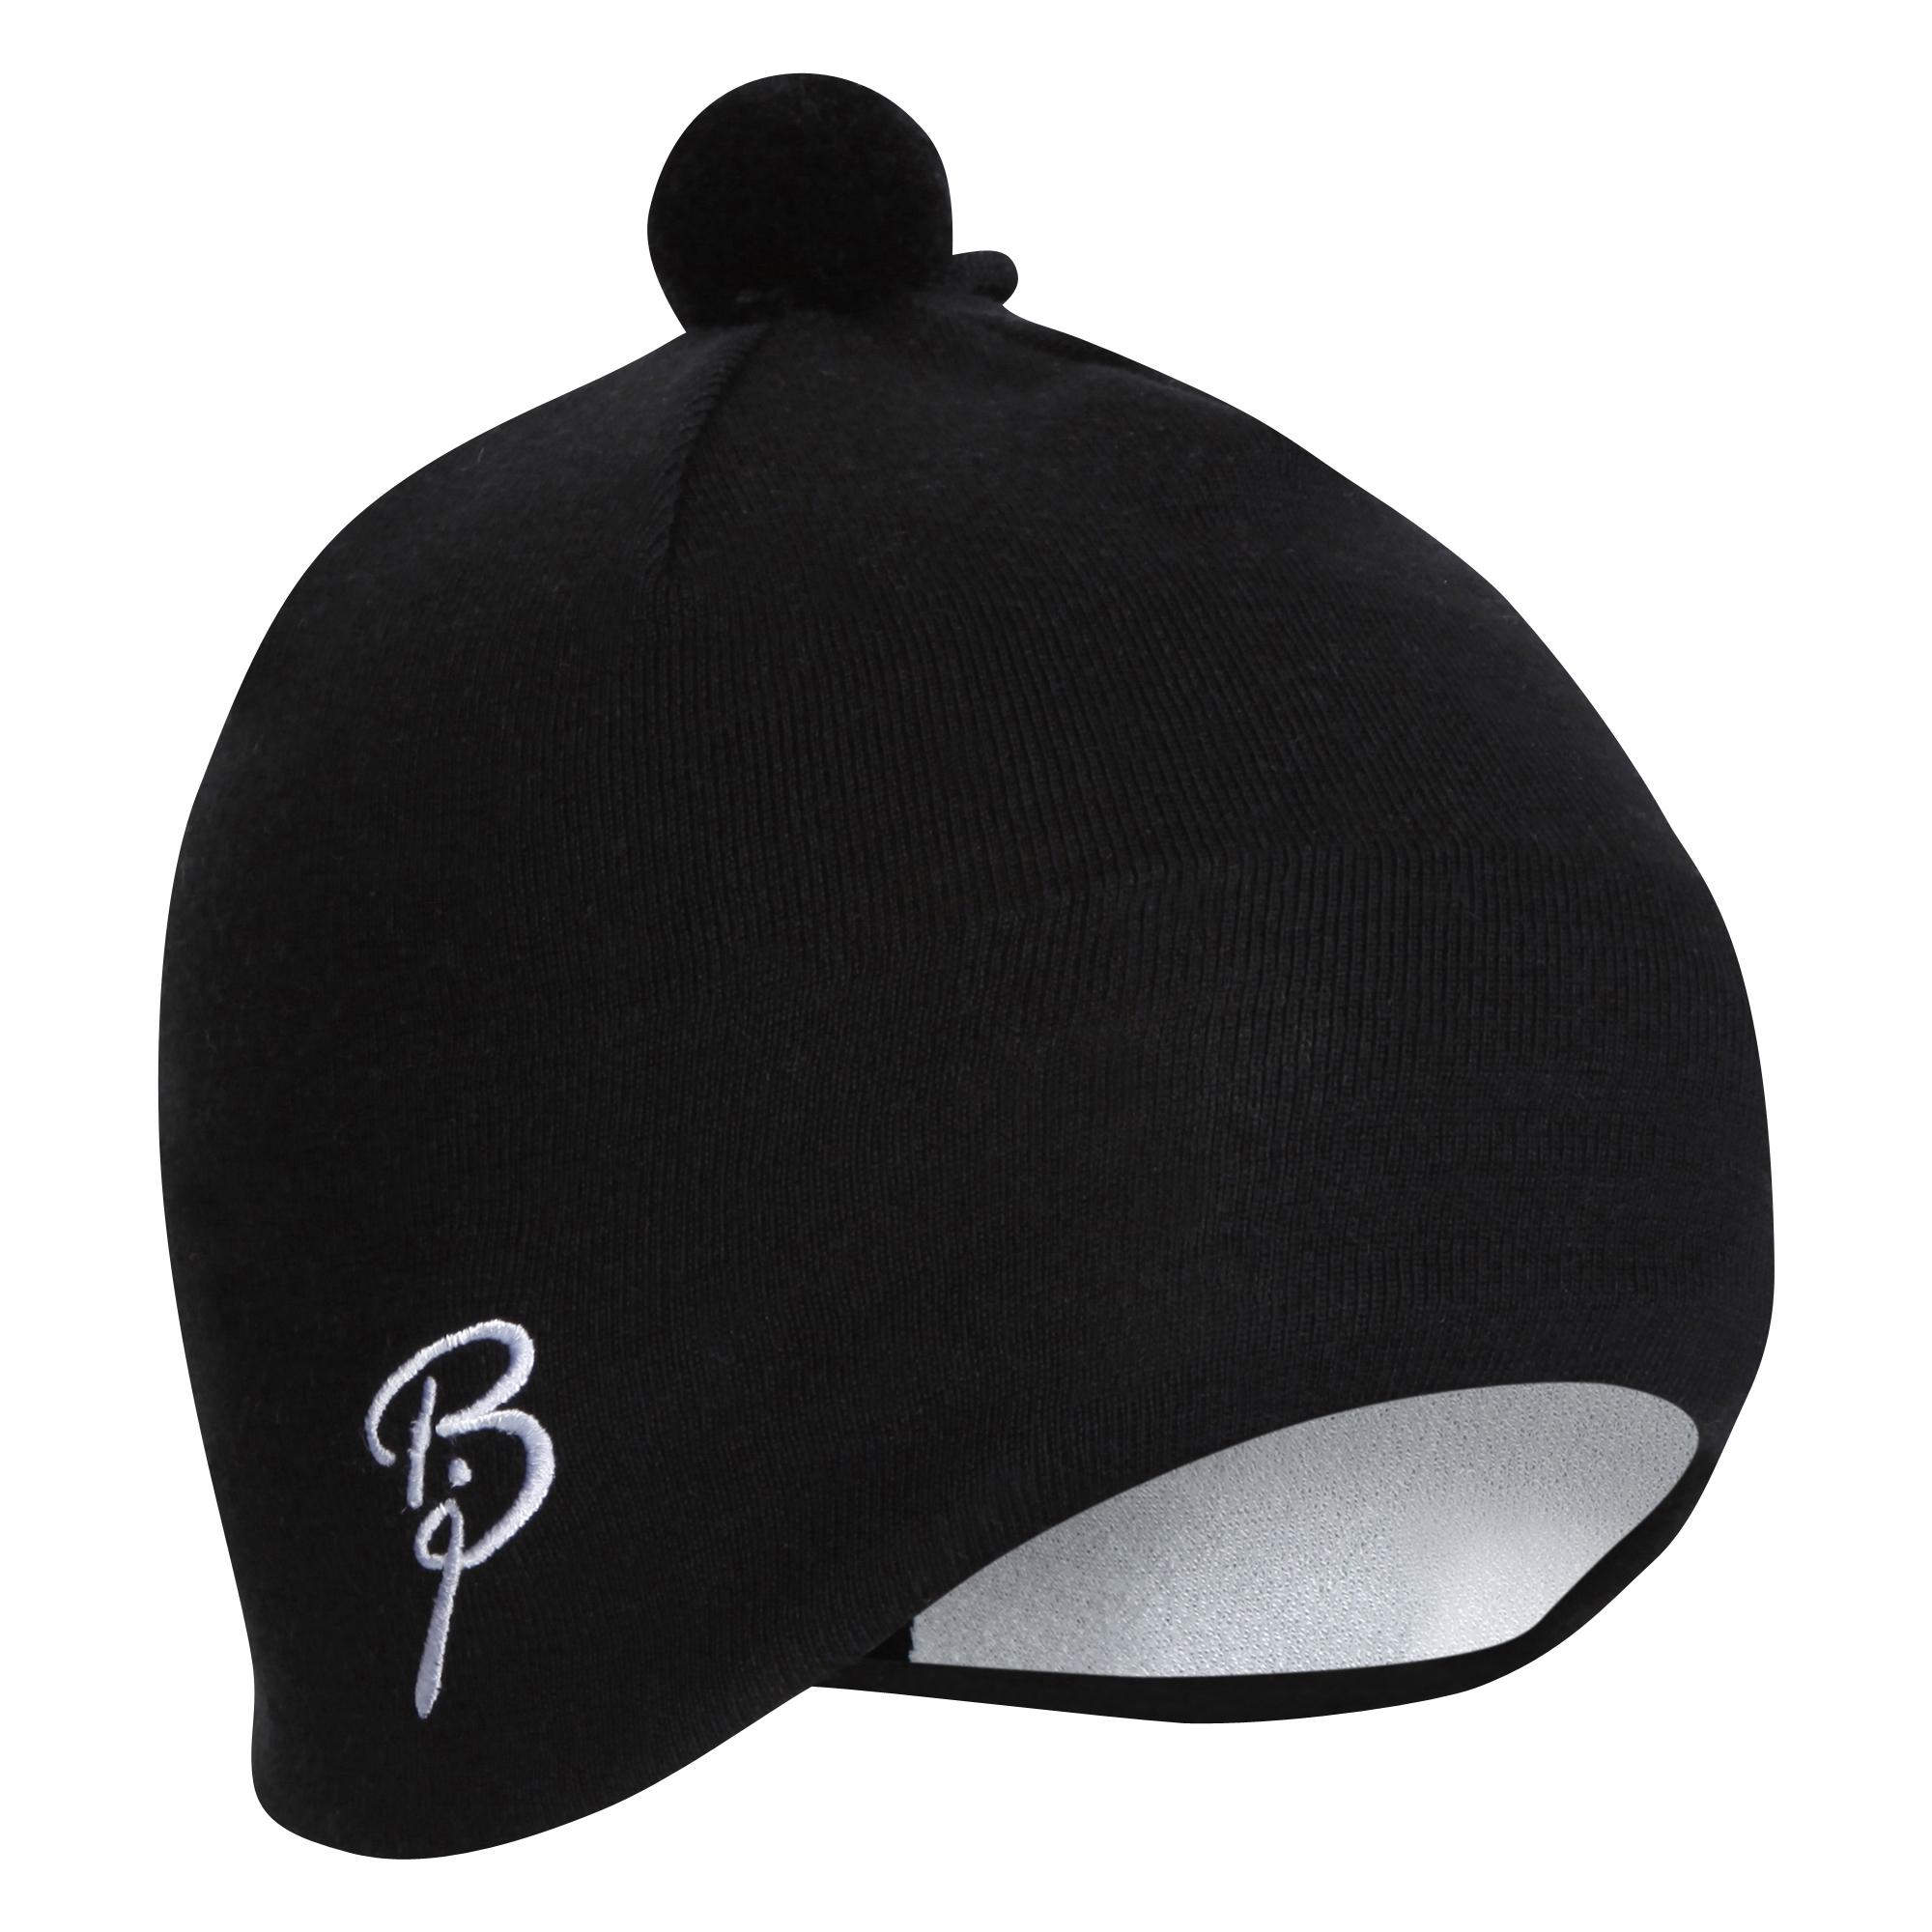 Лыжная шапка Bjorn Daehlie Earprotector Hat (320144 99900) черная